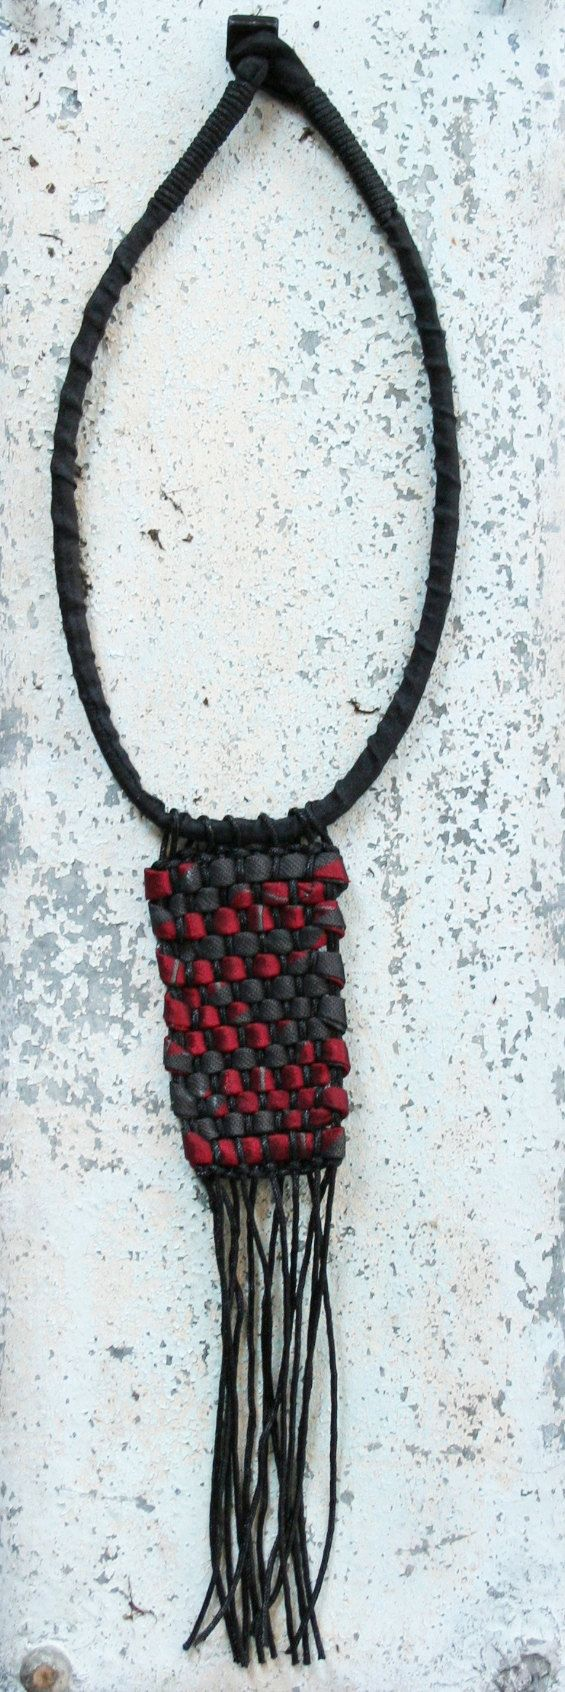 Tribal collana in seta text02 stile tribale/ riciclo di aBimBeri